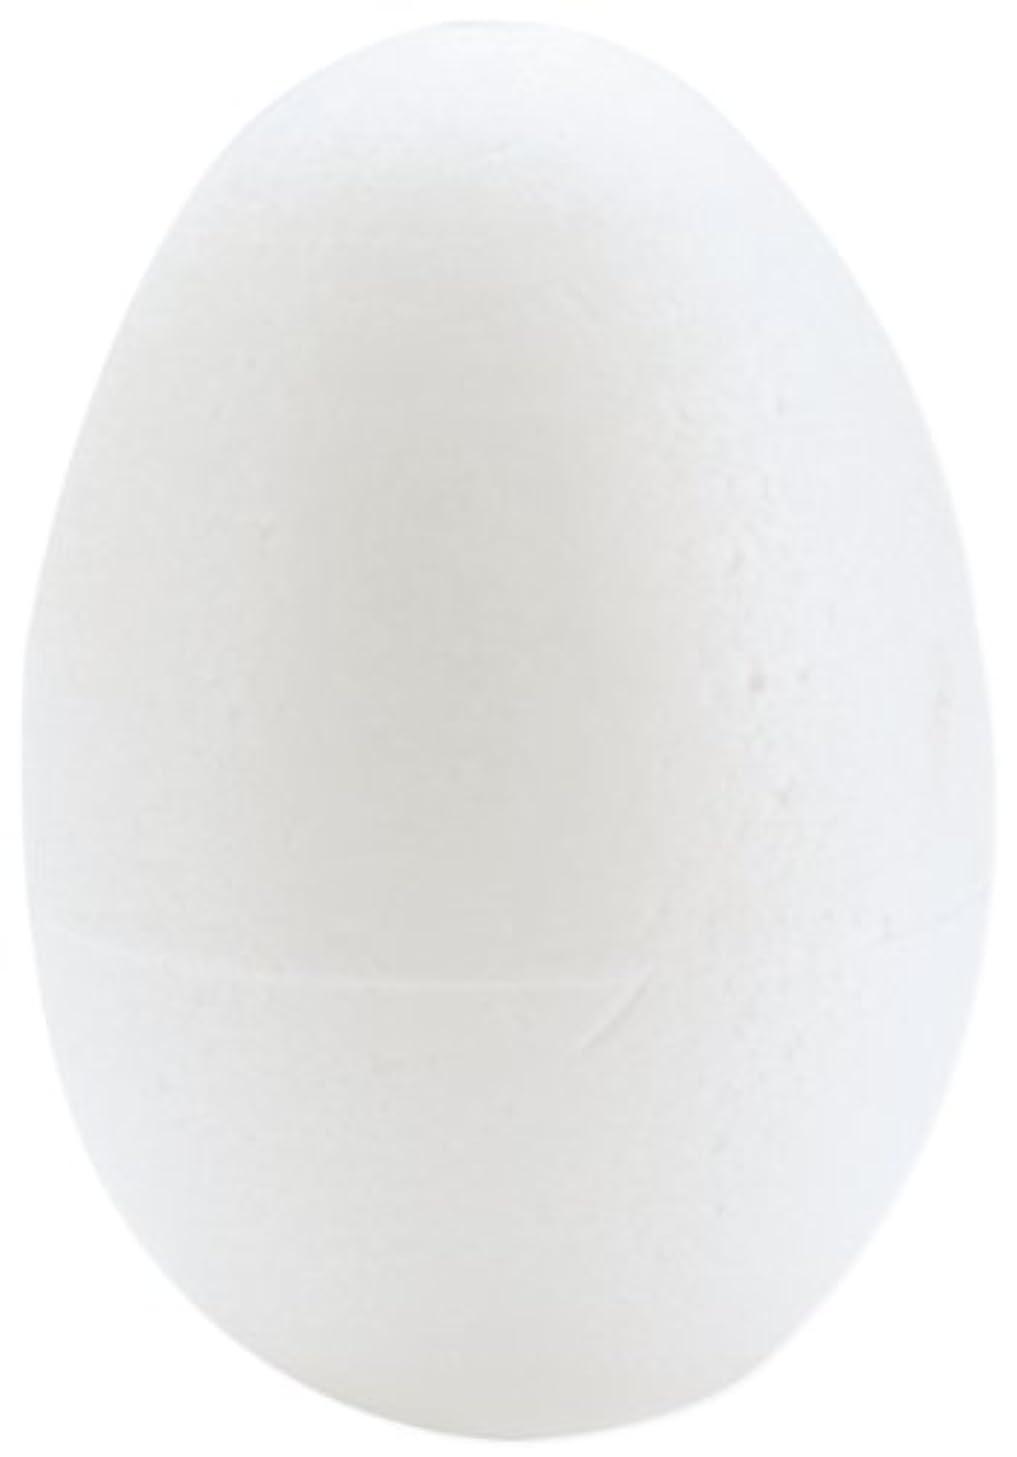 ほとんどない肯定的六Smooth Foam Egg 2.5